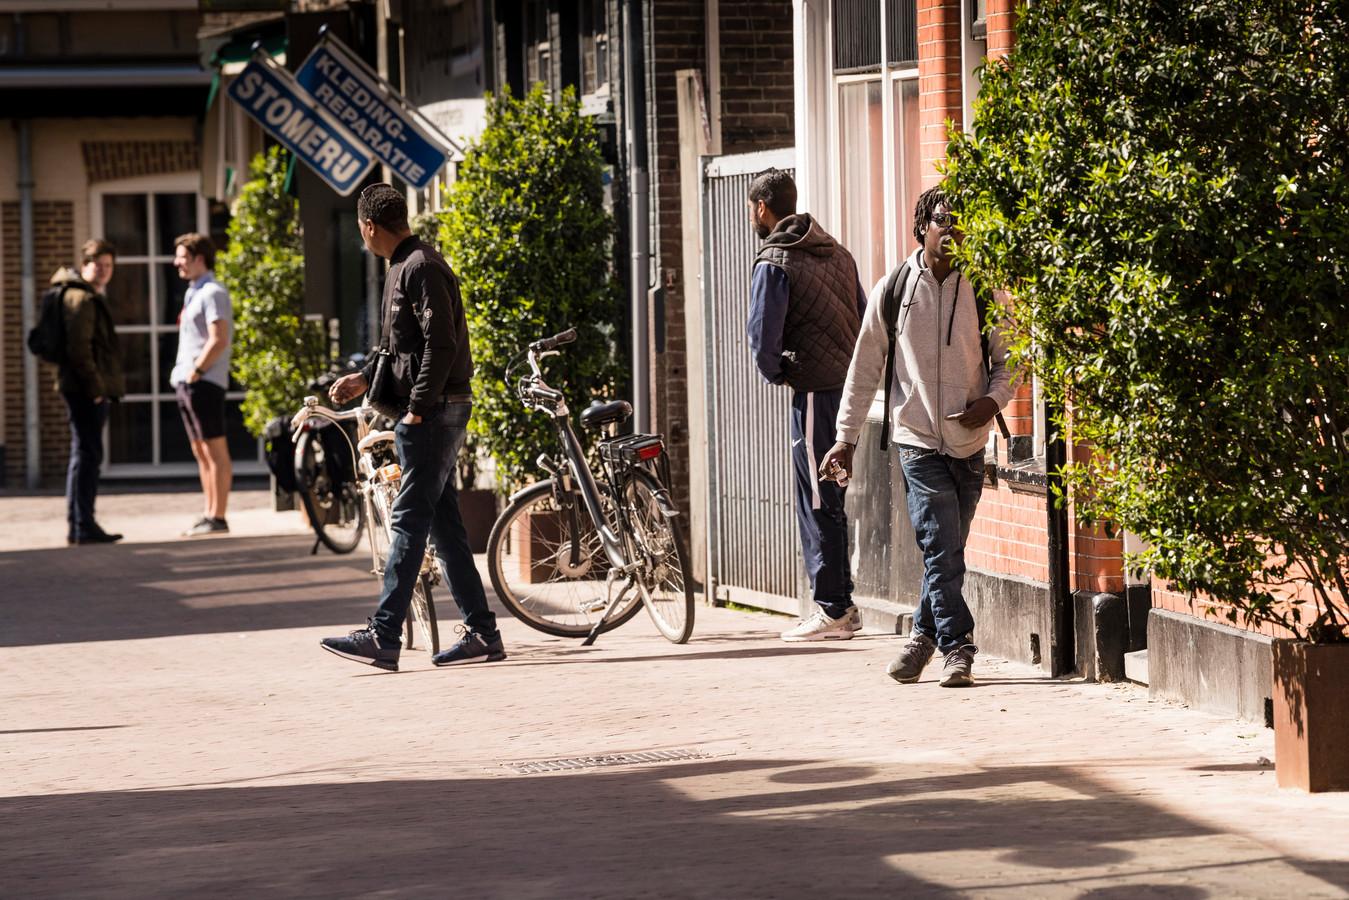 Ondanks een samenscholingsverbod, hangen er met name rond coffeeshop The Edge aan de Van Lochemstraat vaak veel dealers rond op straat.